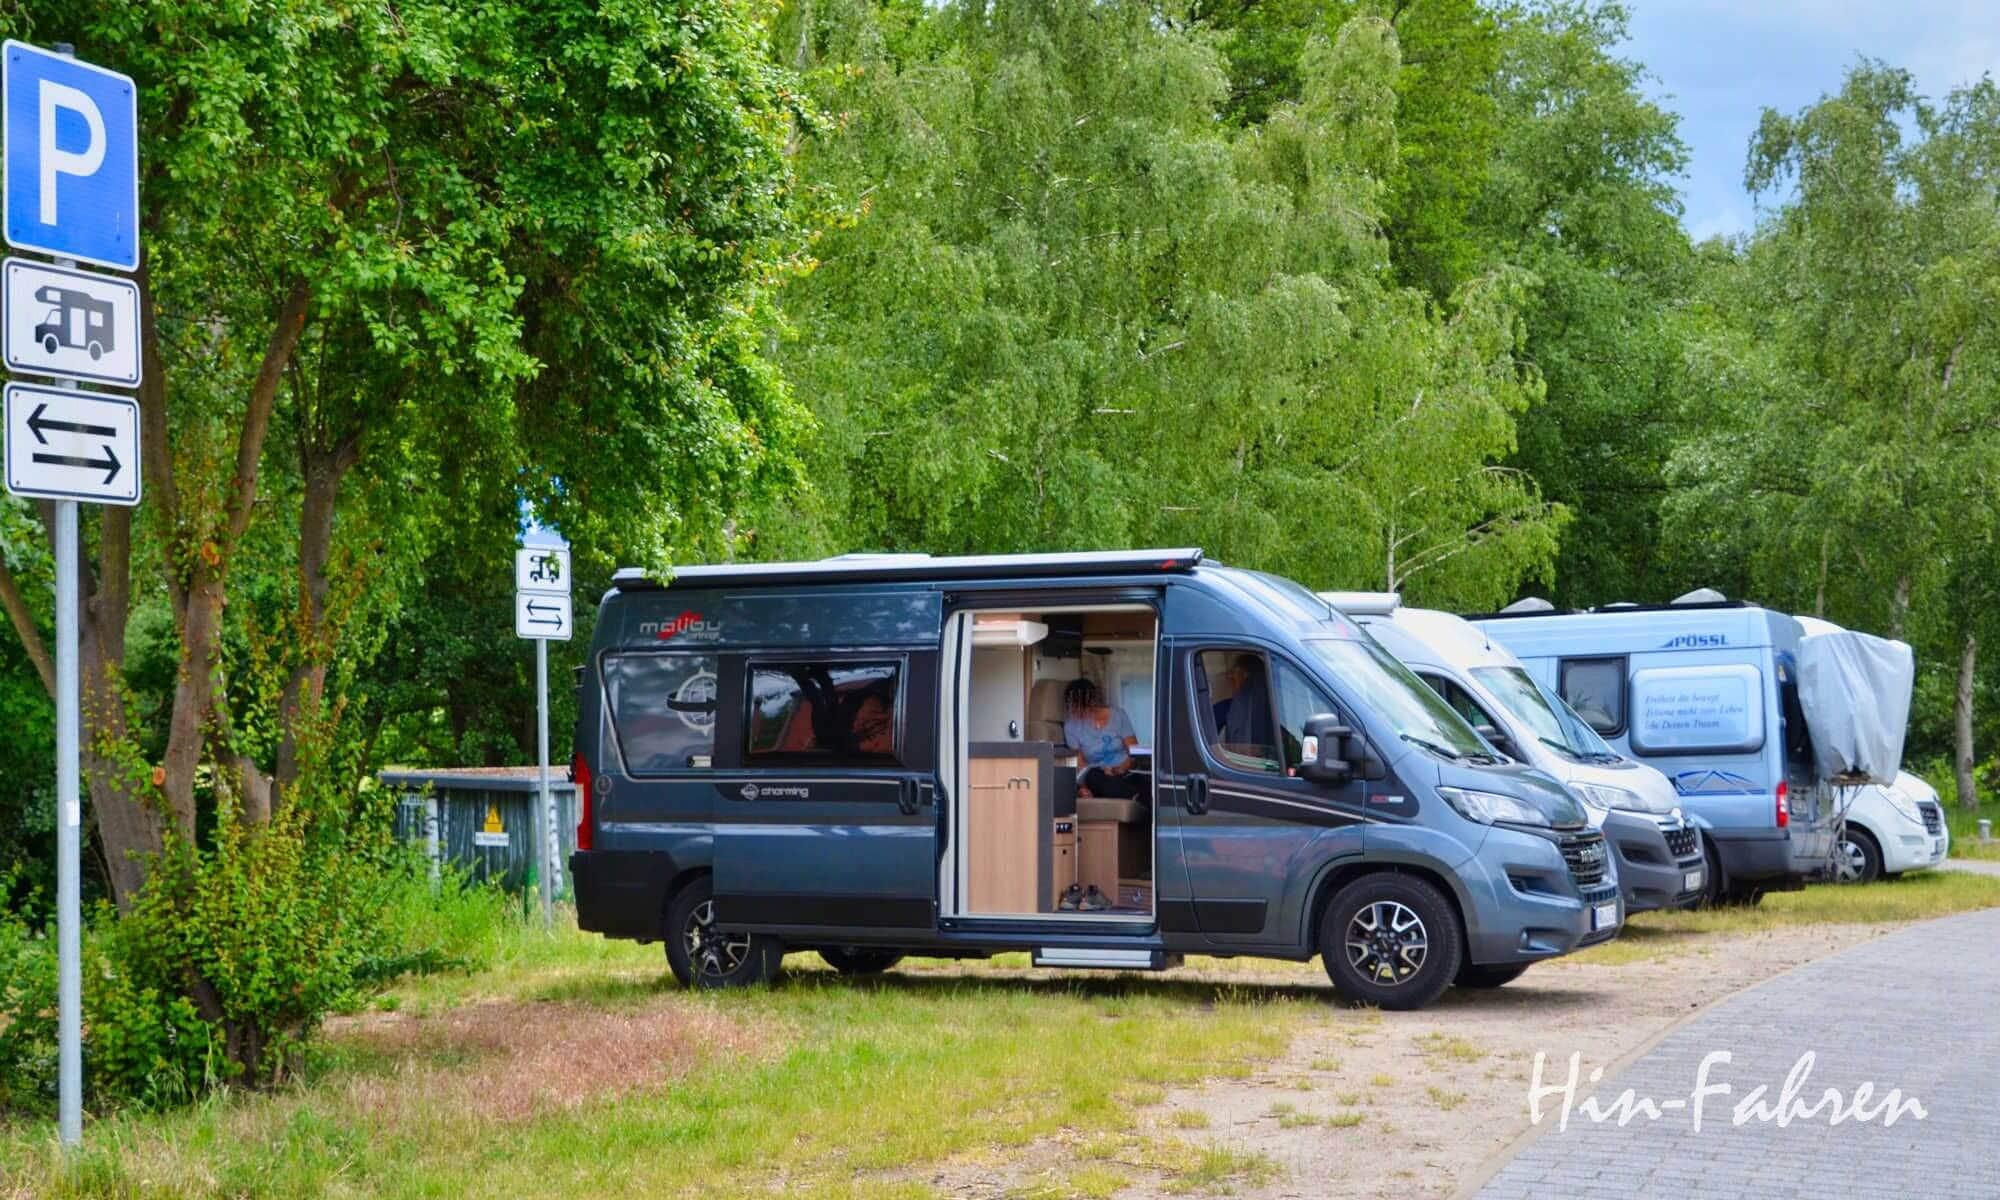 Wohnmobil-Kastenwagen 2021 auf einem Parkplatz